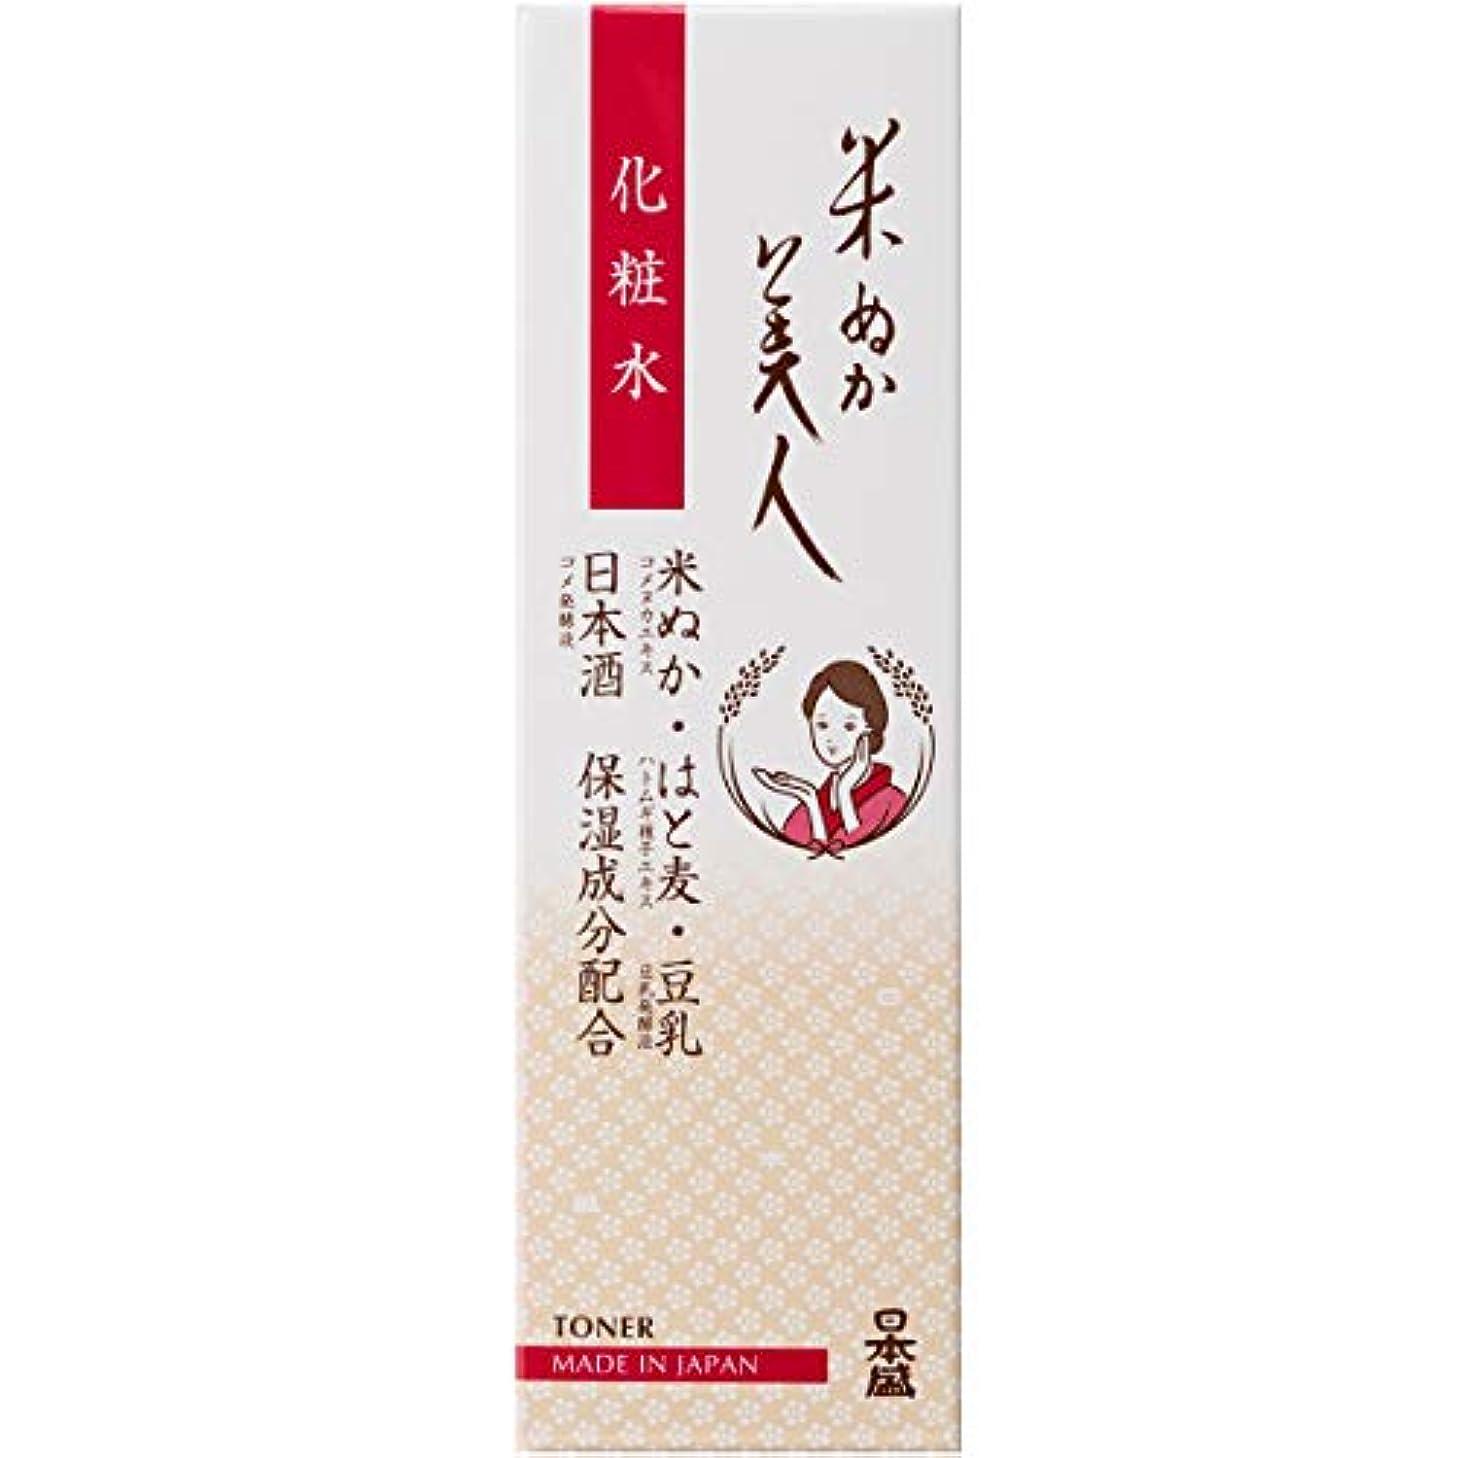 友情ネックレスタイル日本盛 米ぬか美人 化粧水 120mL(無香料 無着色 弱酸性)